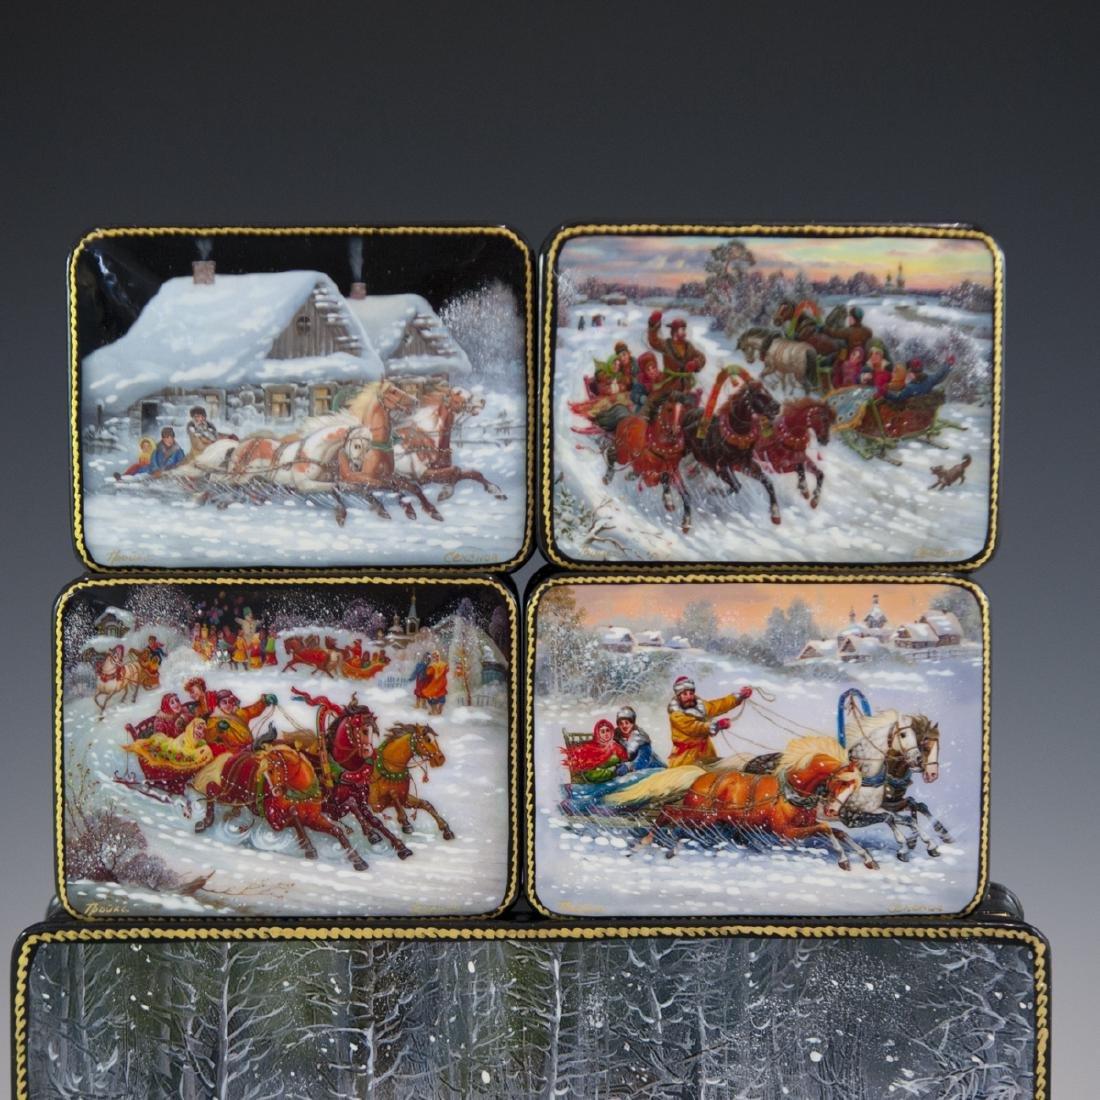 Russian Lacquered Papier Mache Troika Boxes - 4